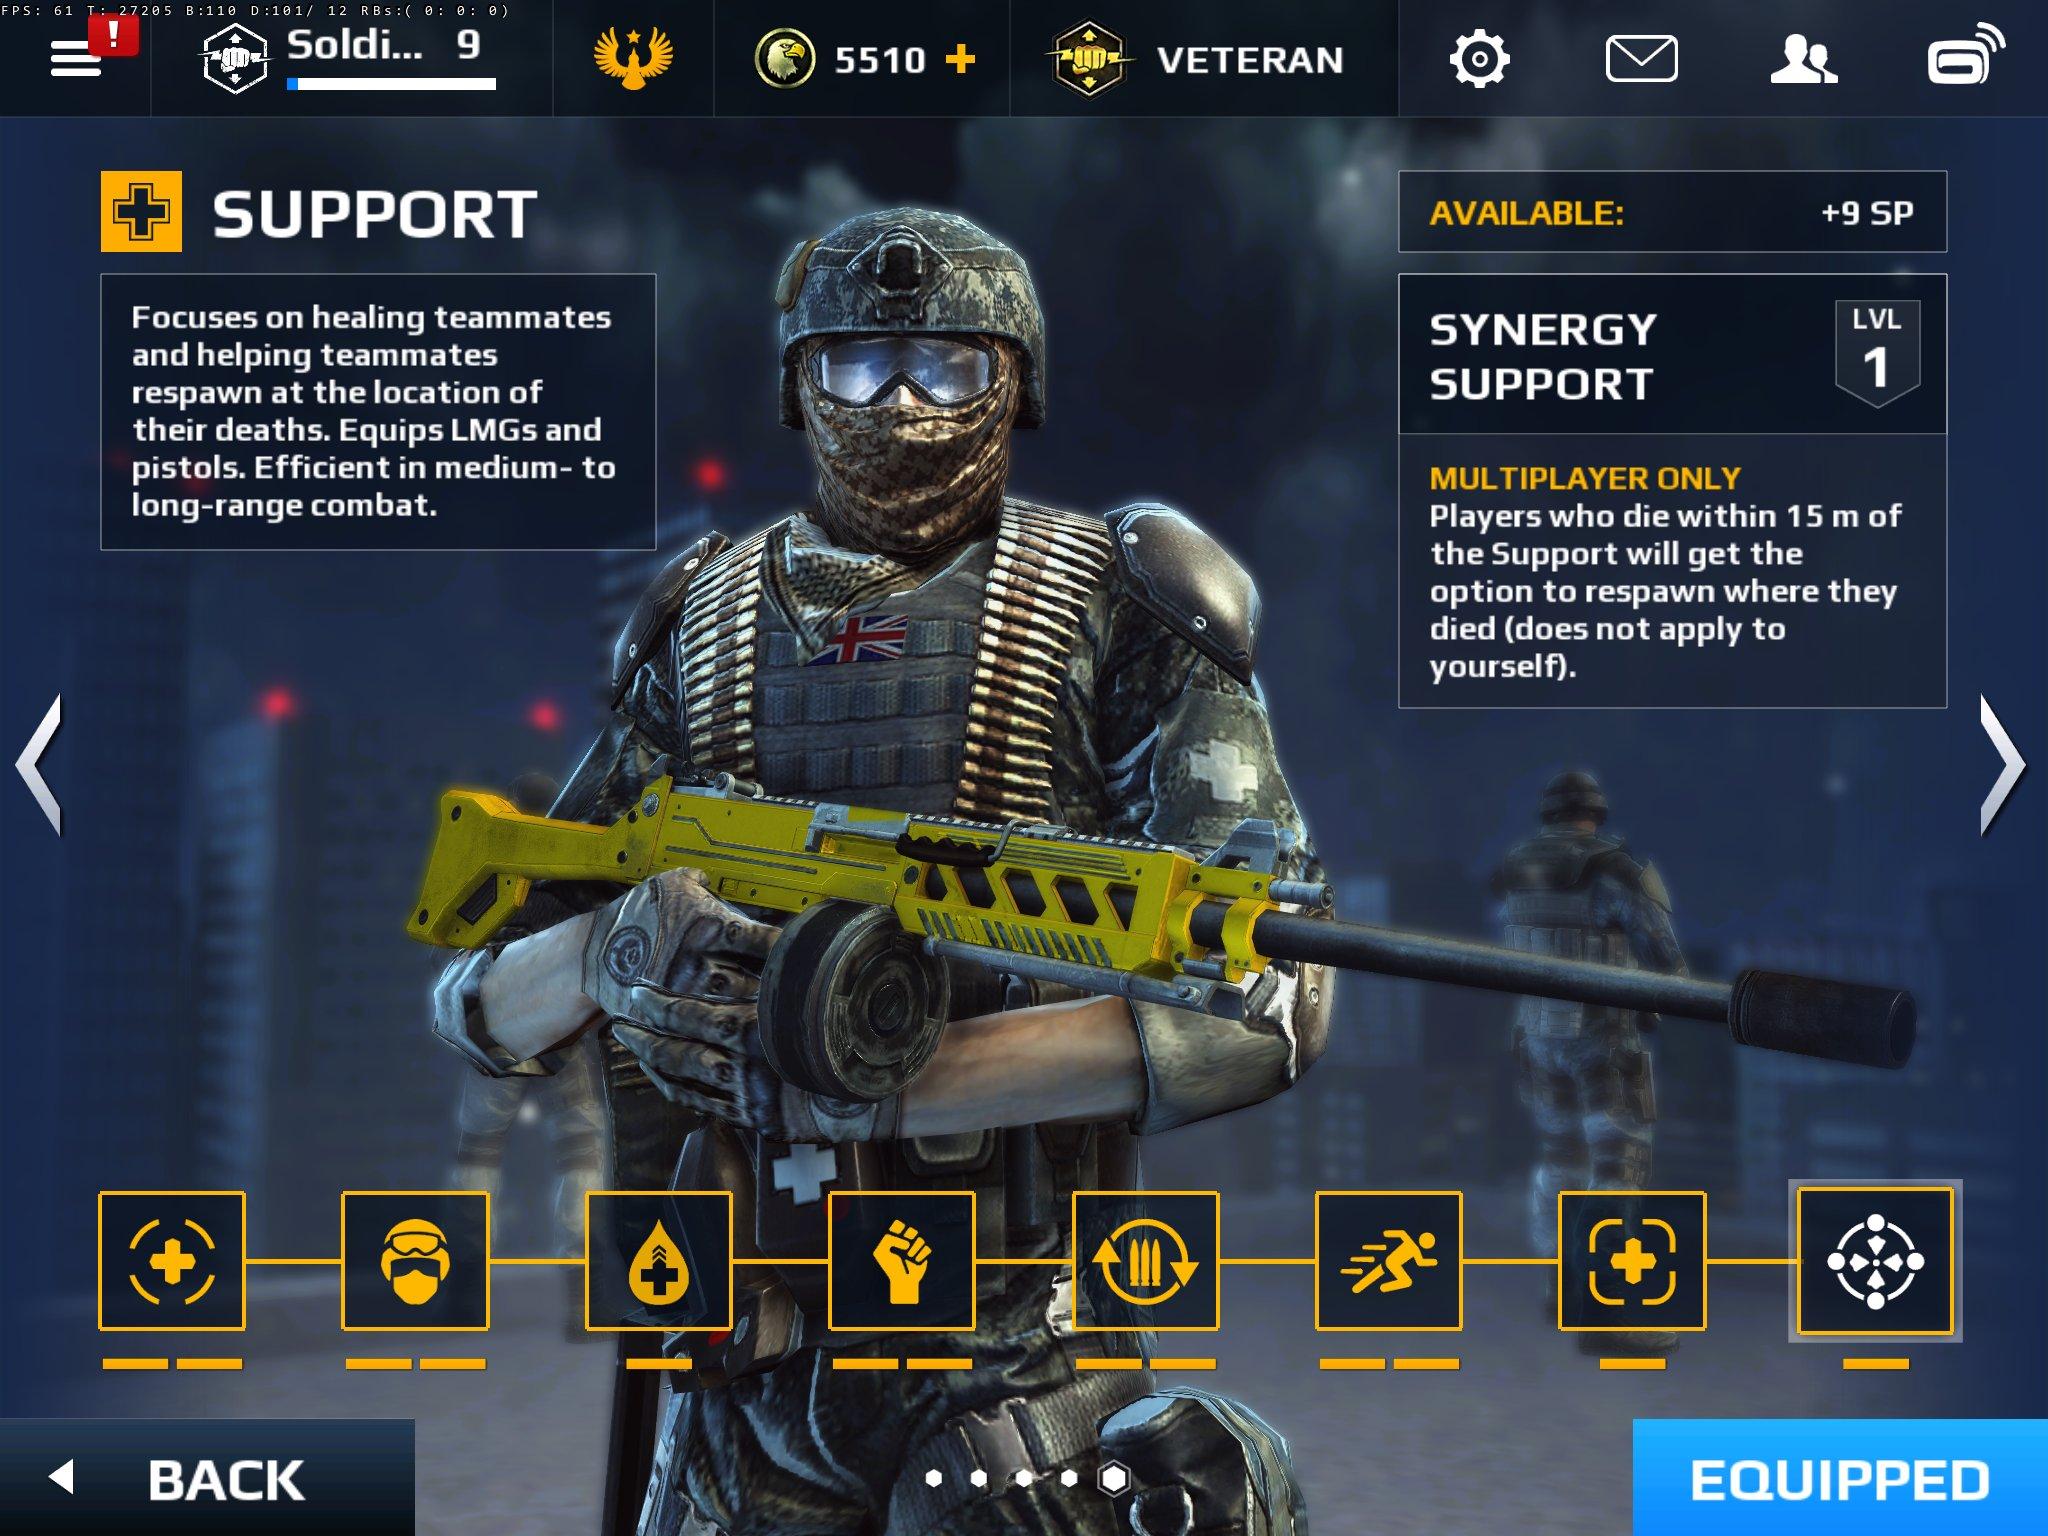 MC5 Support